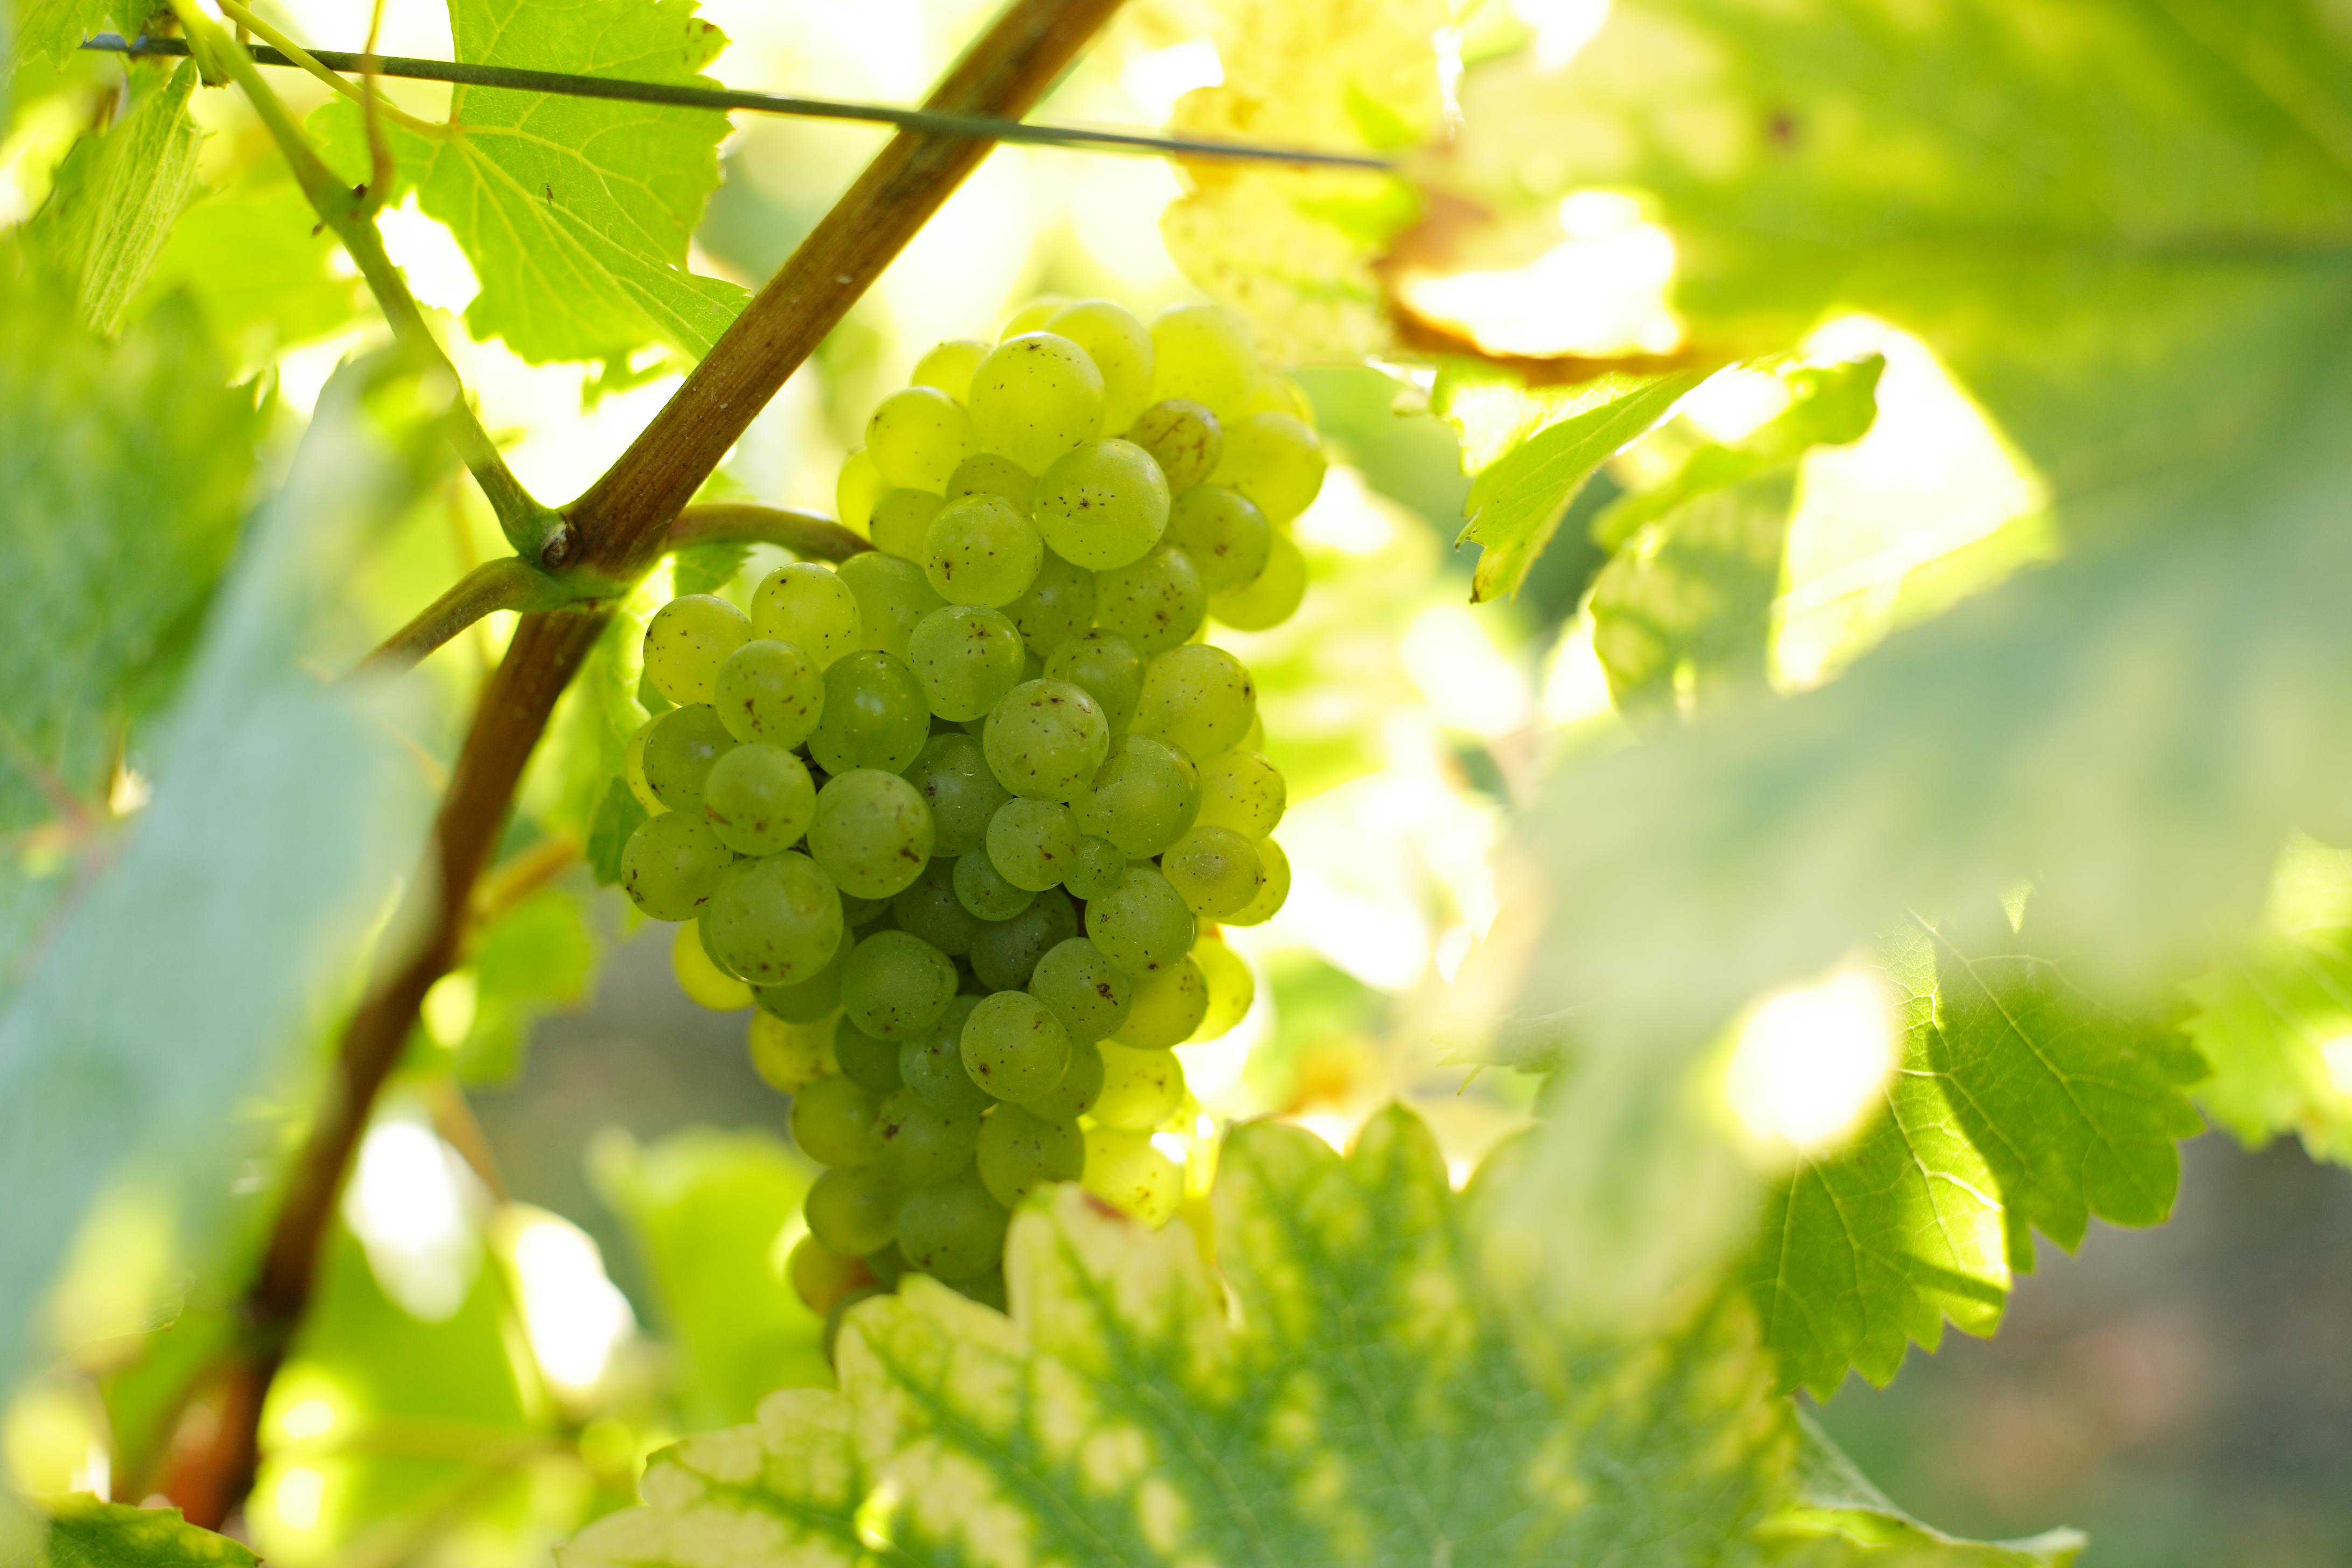 Grappe de chenin blanc - Vins blancs du Val de Loire